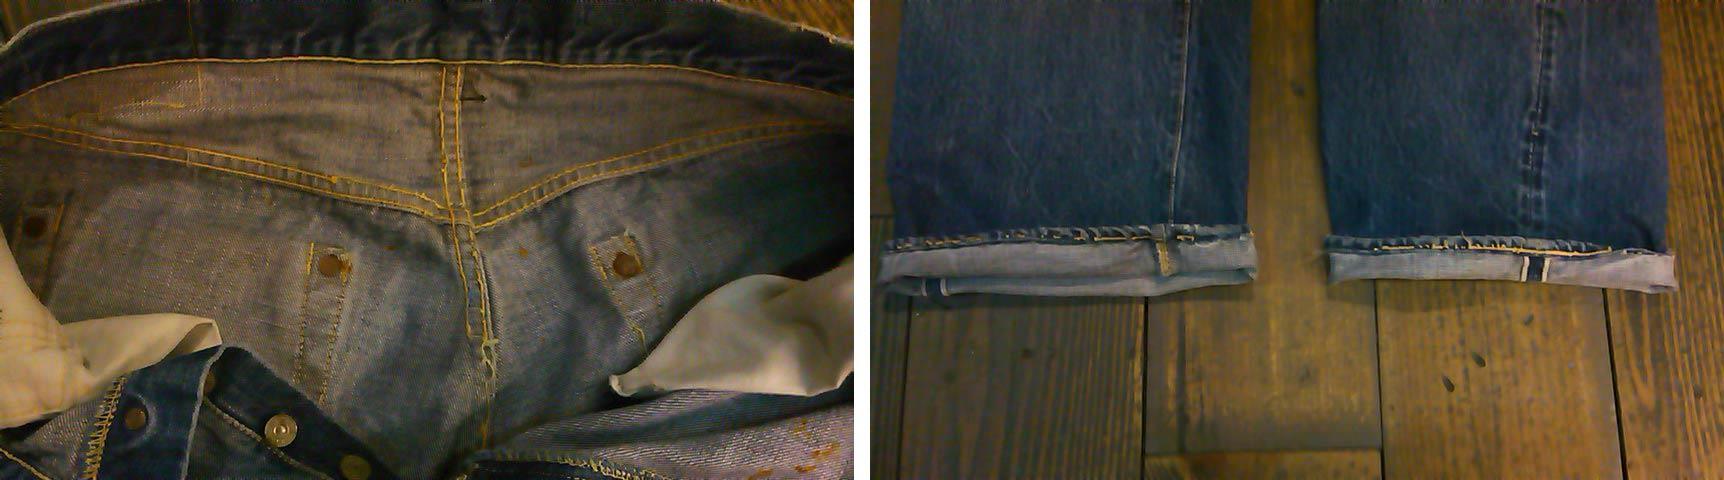 8/24(火)大阪アメリカ村店入荷情報!第4弾Vintage Denim Pants編。_c0078587_19482559.jpg